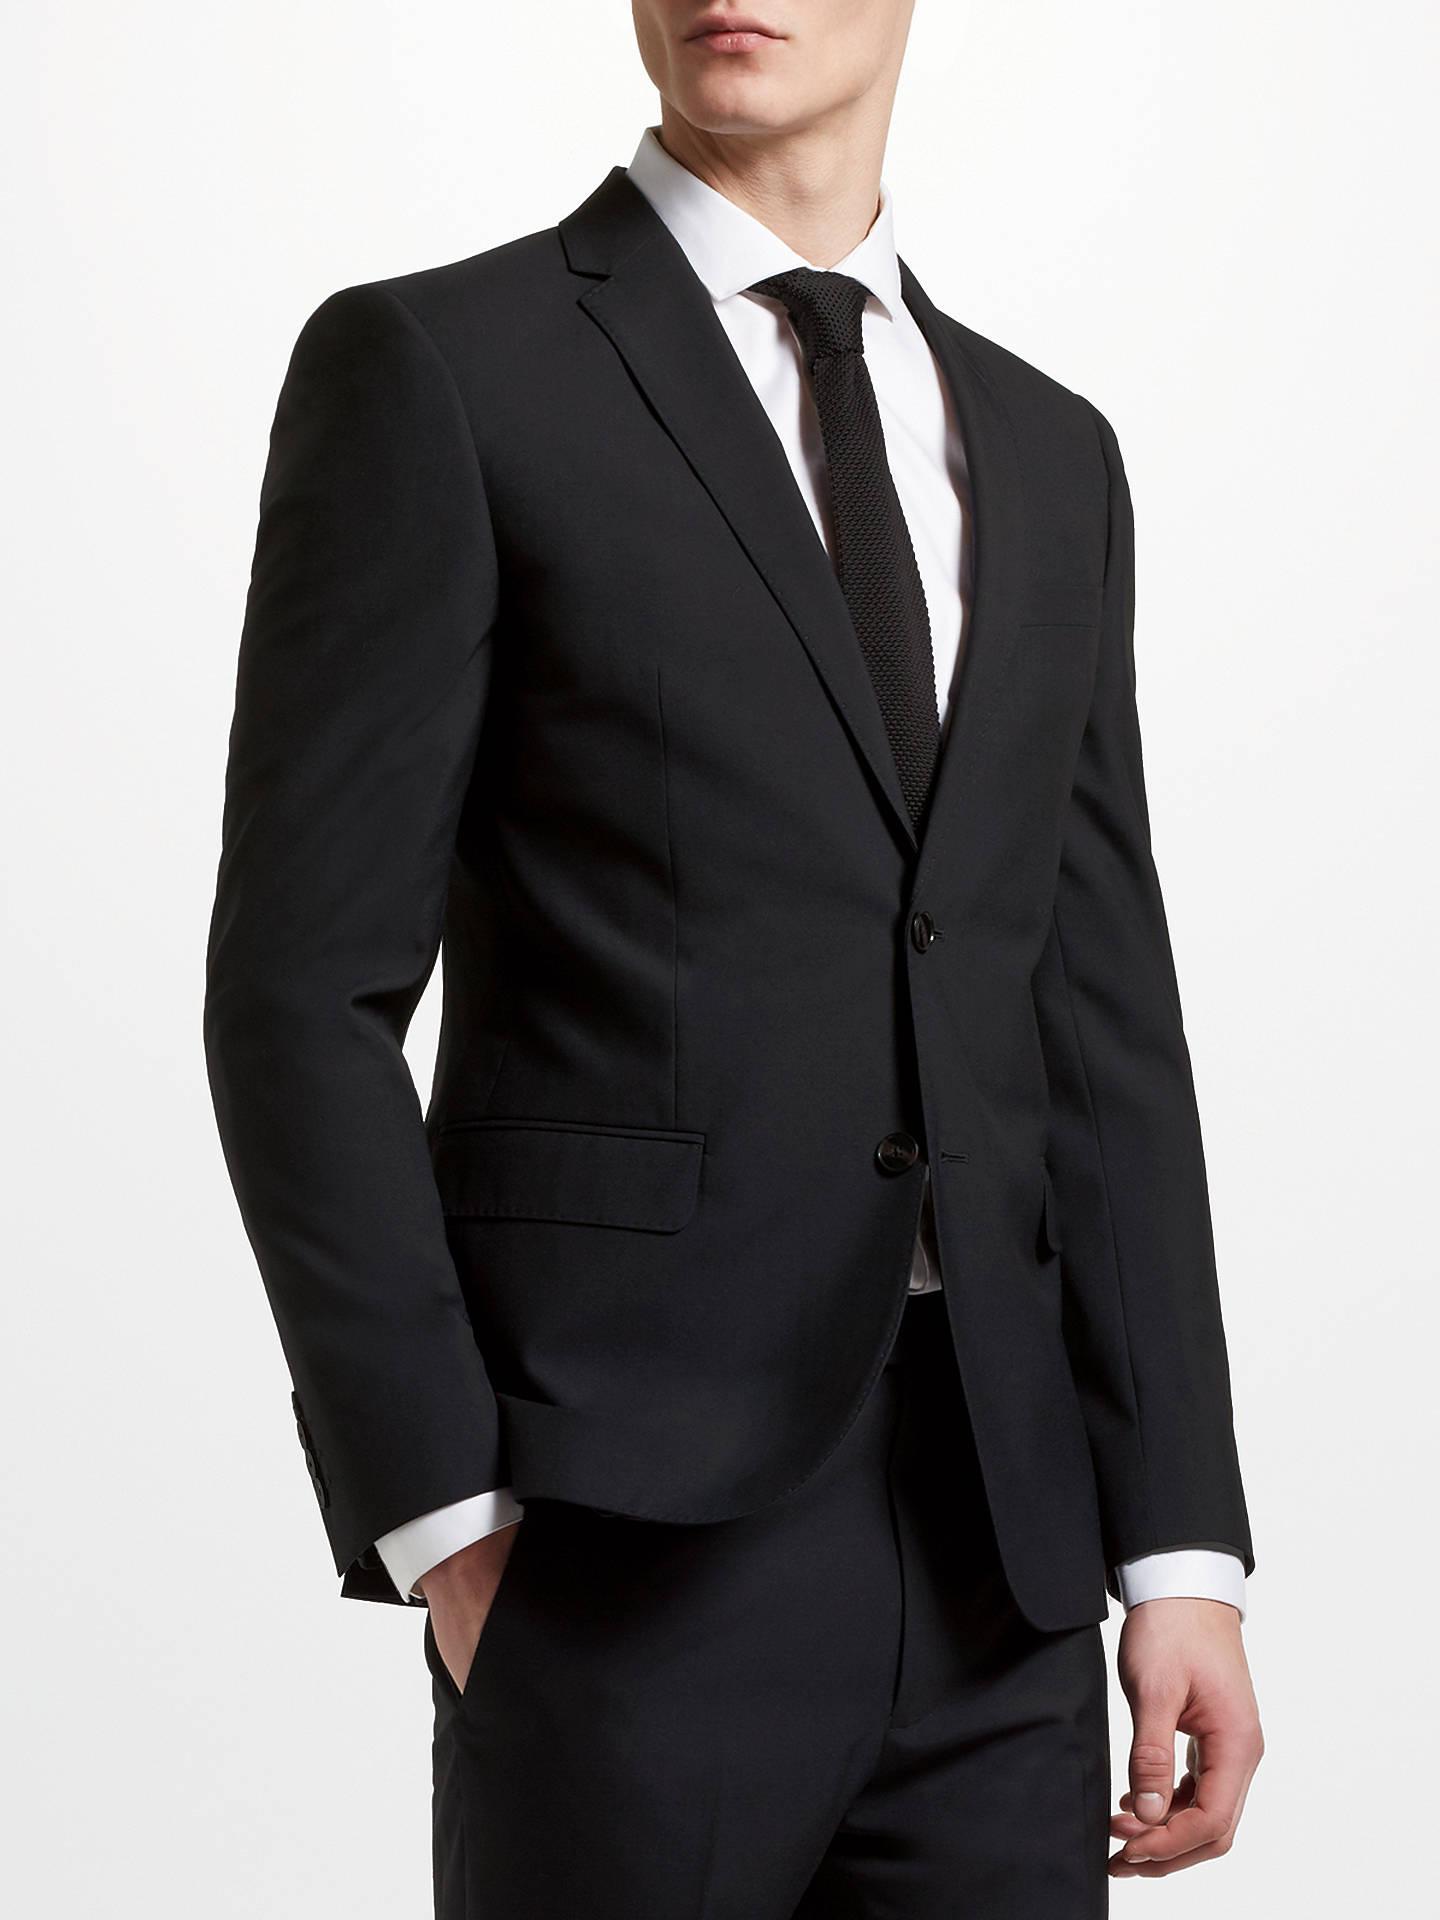 c306b86b5c3 Buy Kin Slim Fit Suit Jacket